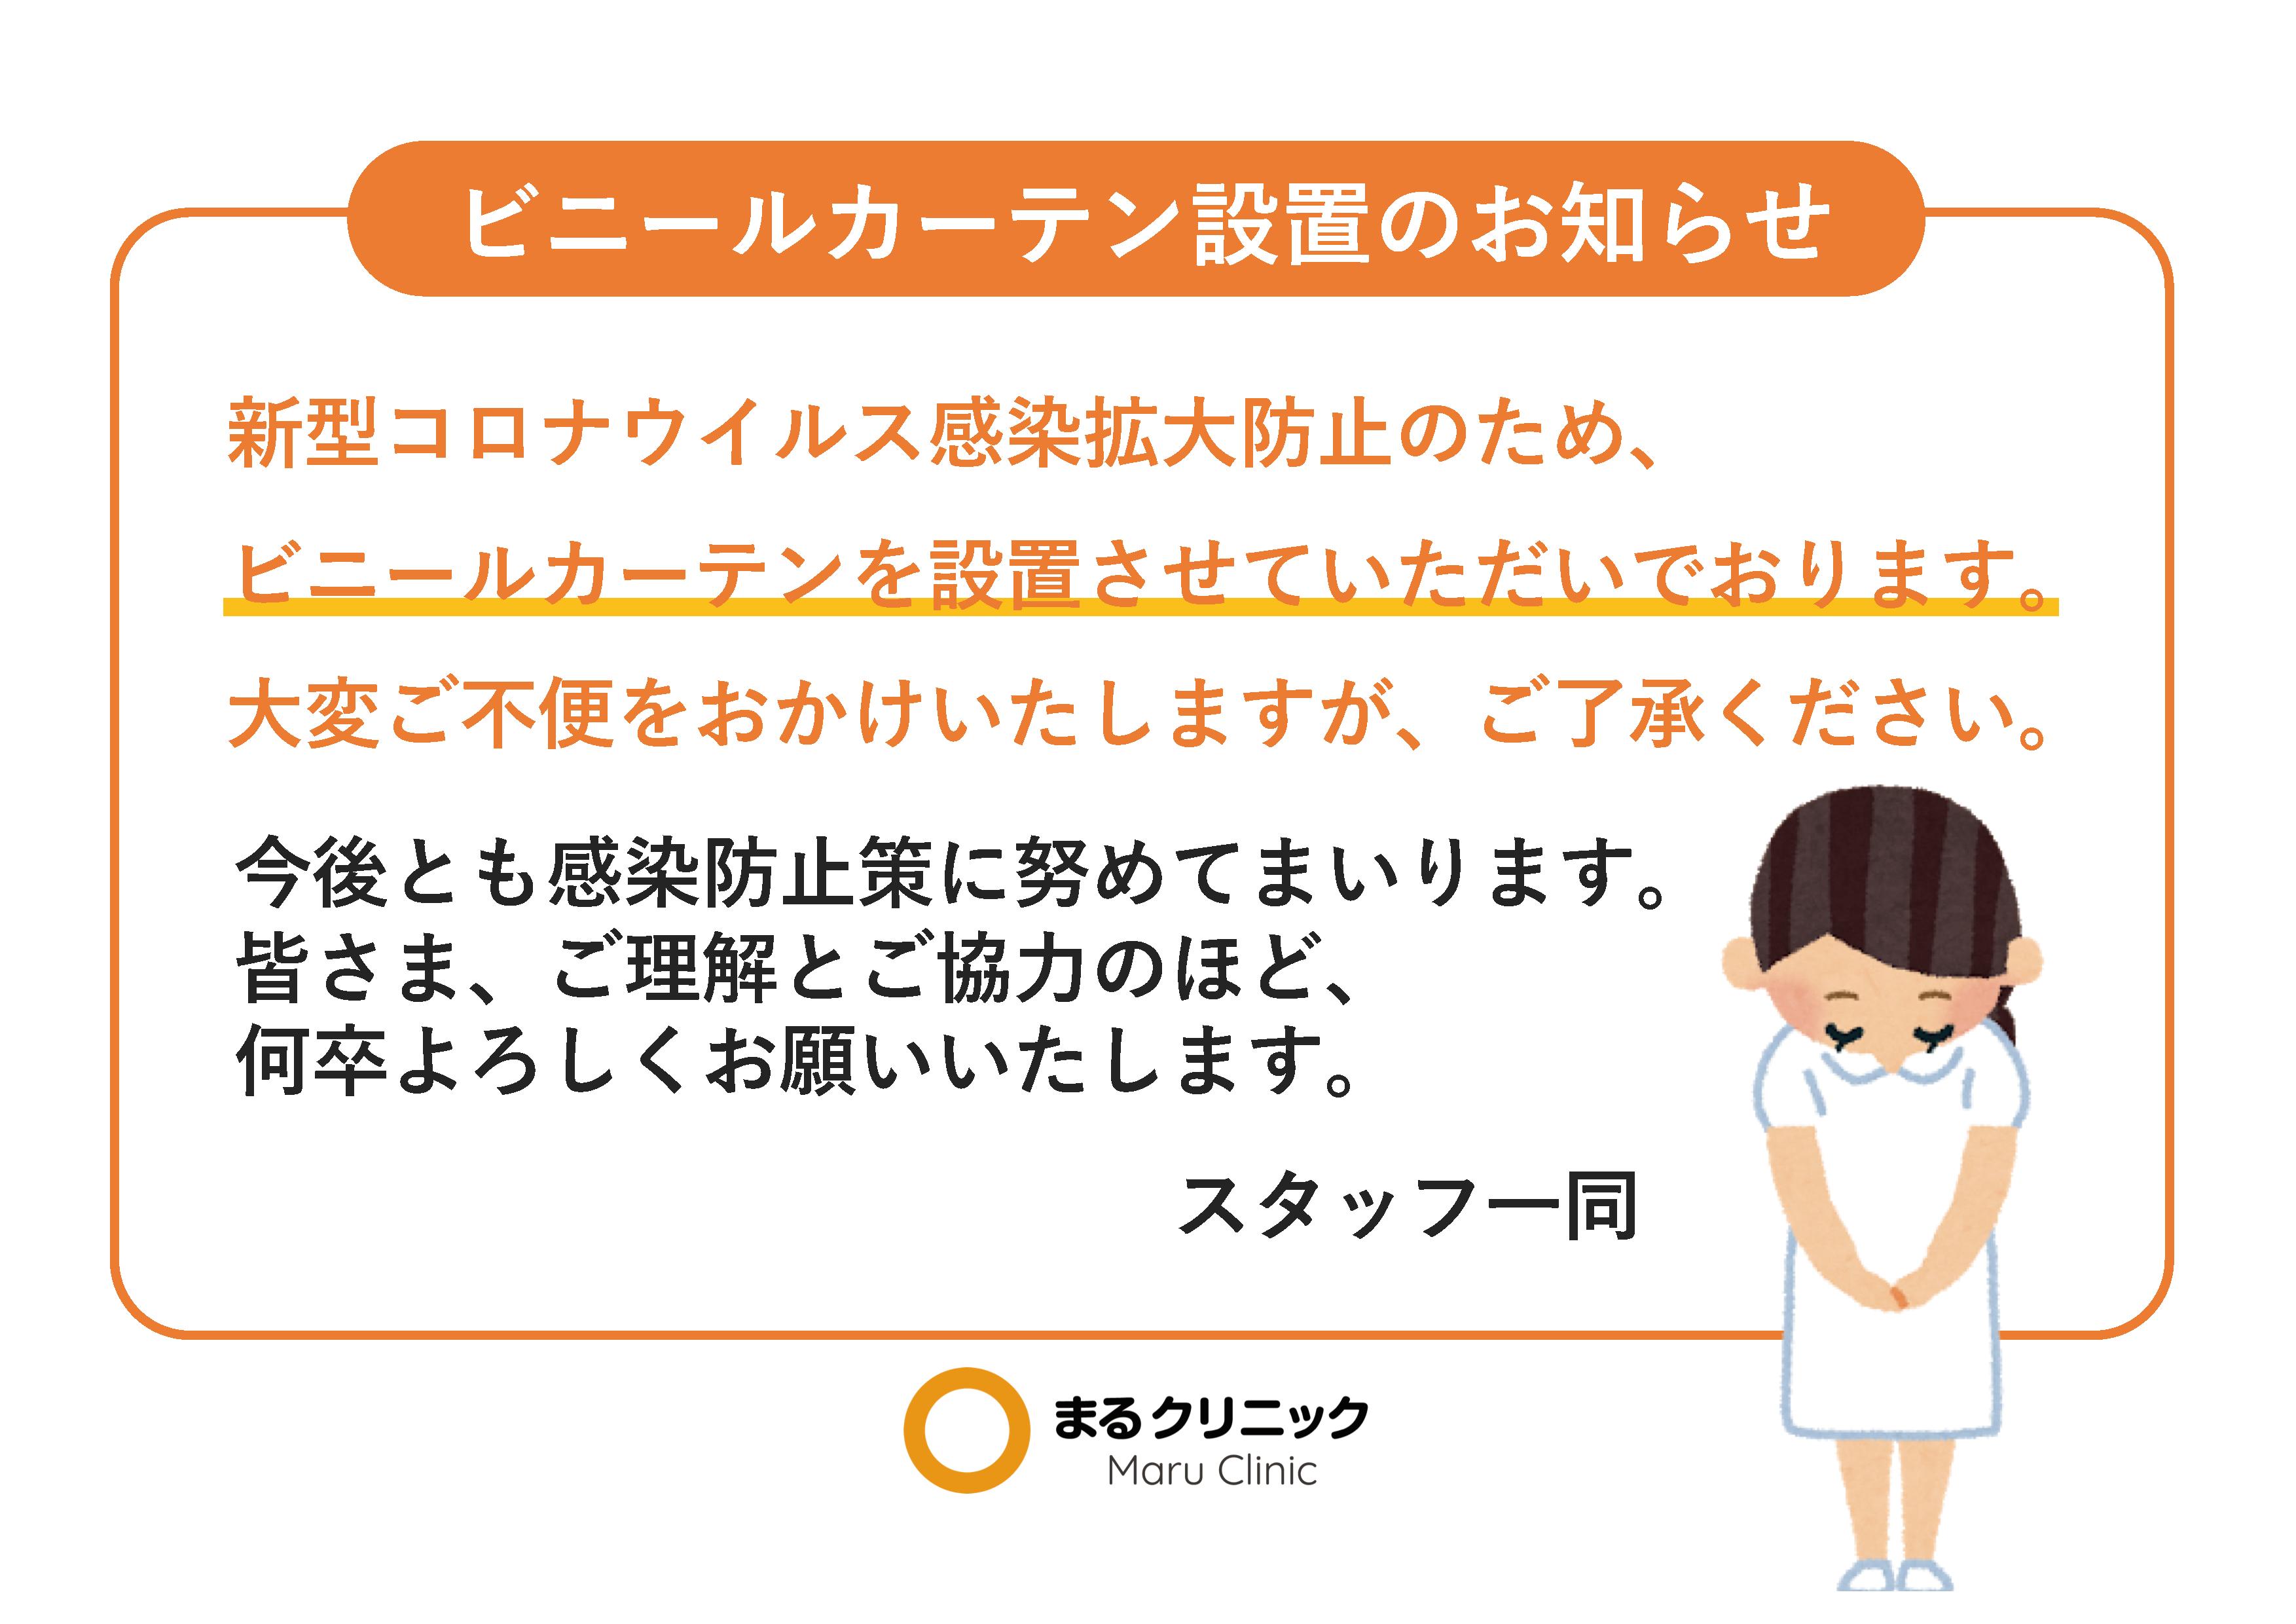 ビニールカーテン設置 【新型コロナウイルス対策ツール】